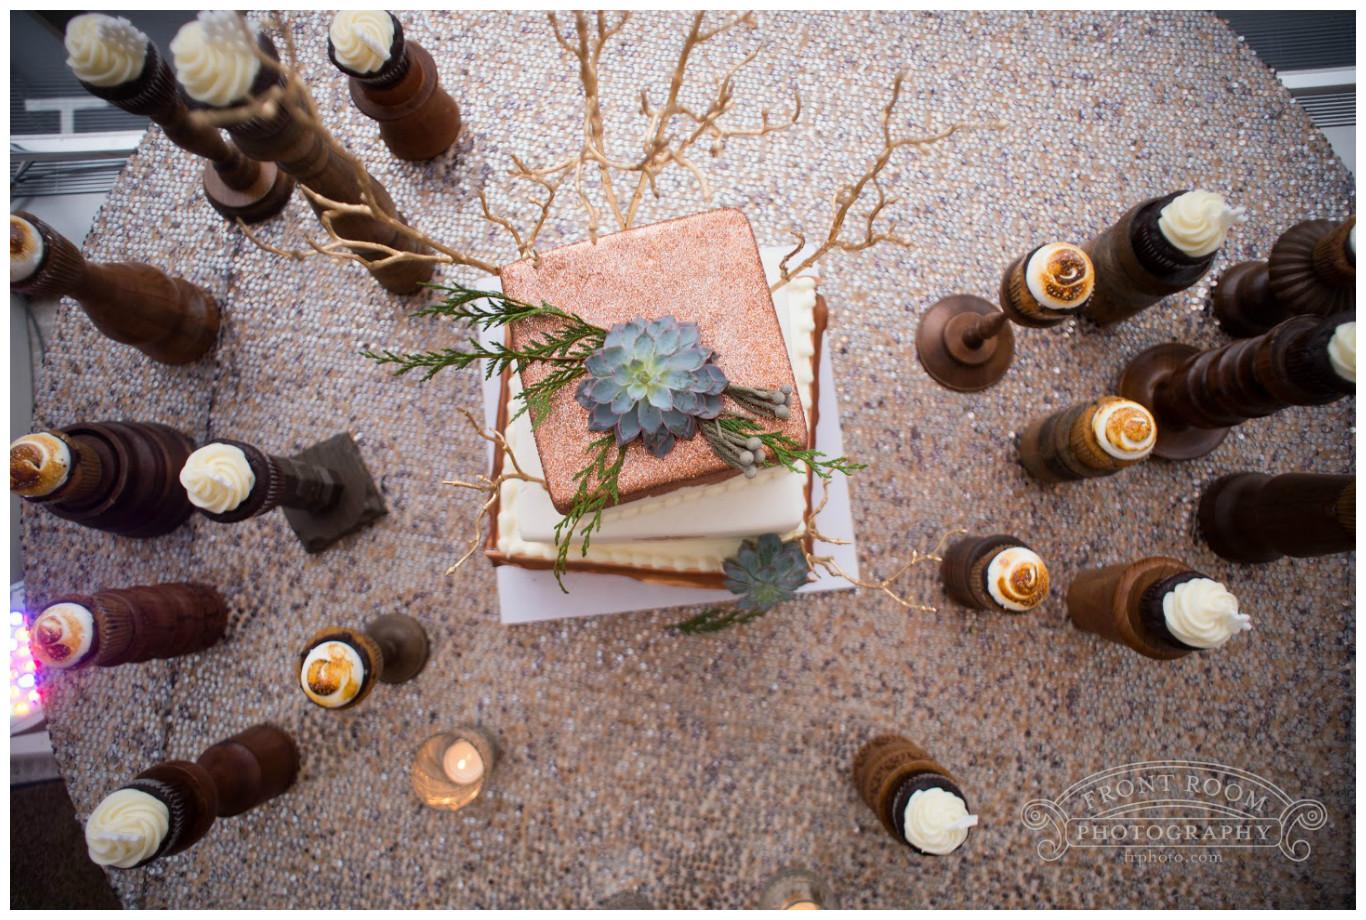 Candleholder Inspired Cupcake Stand Dessert Table | BBJ Linen